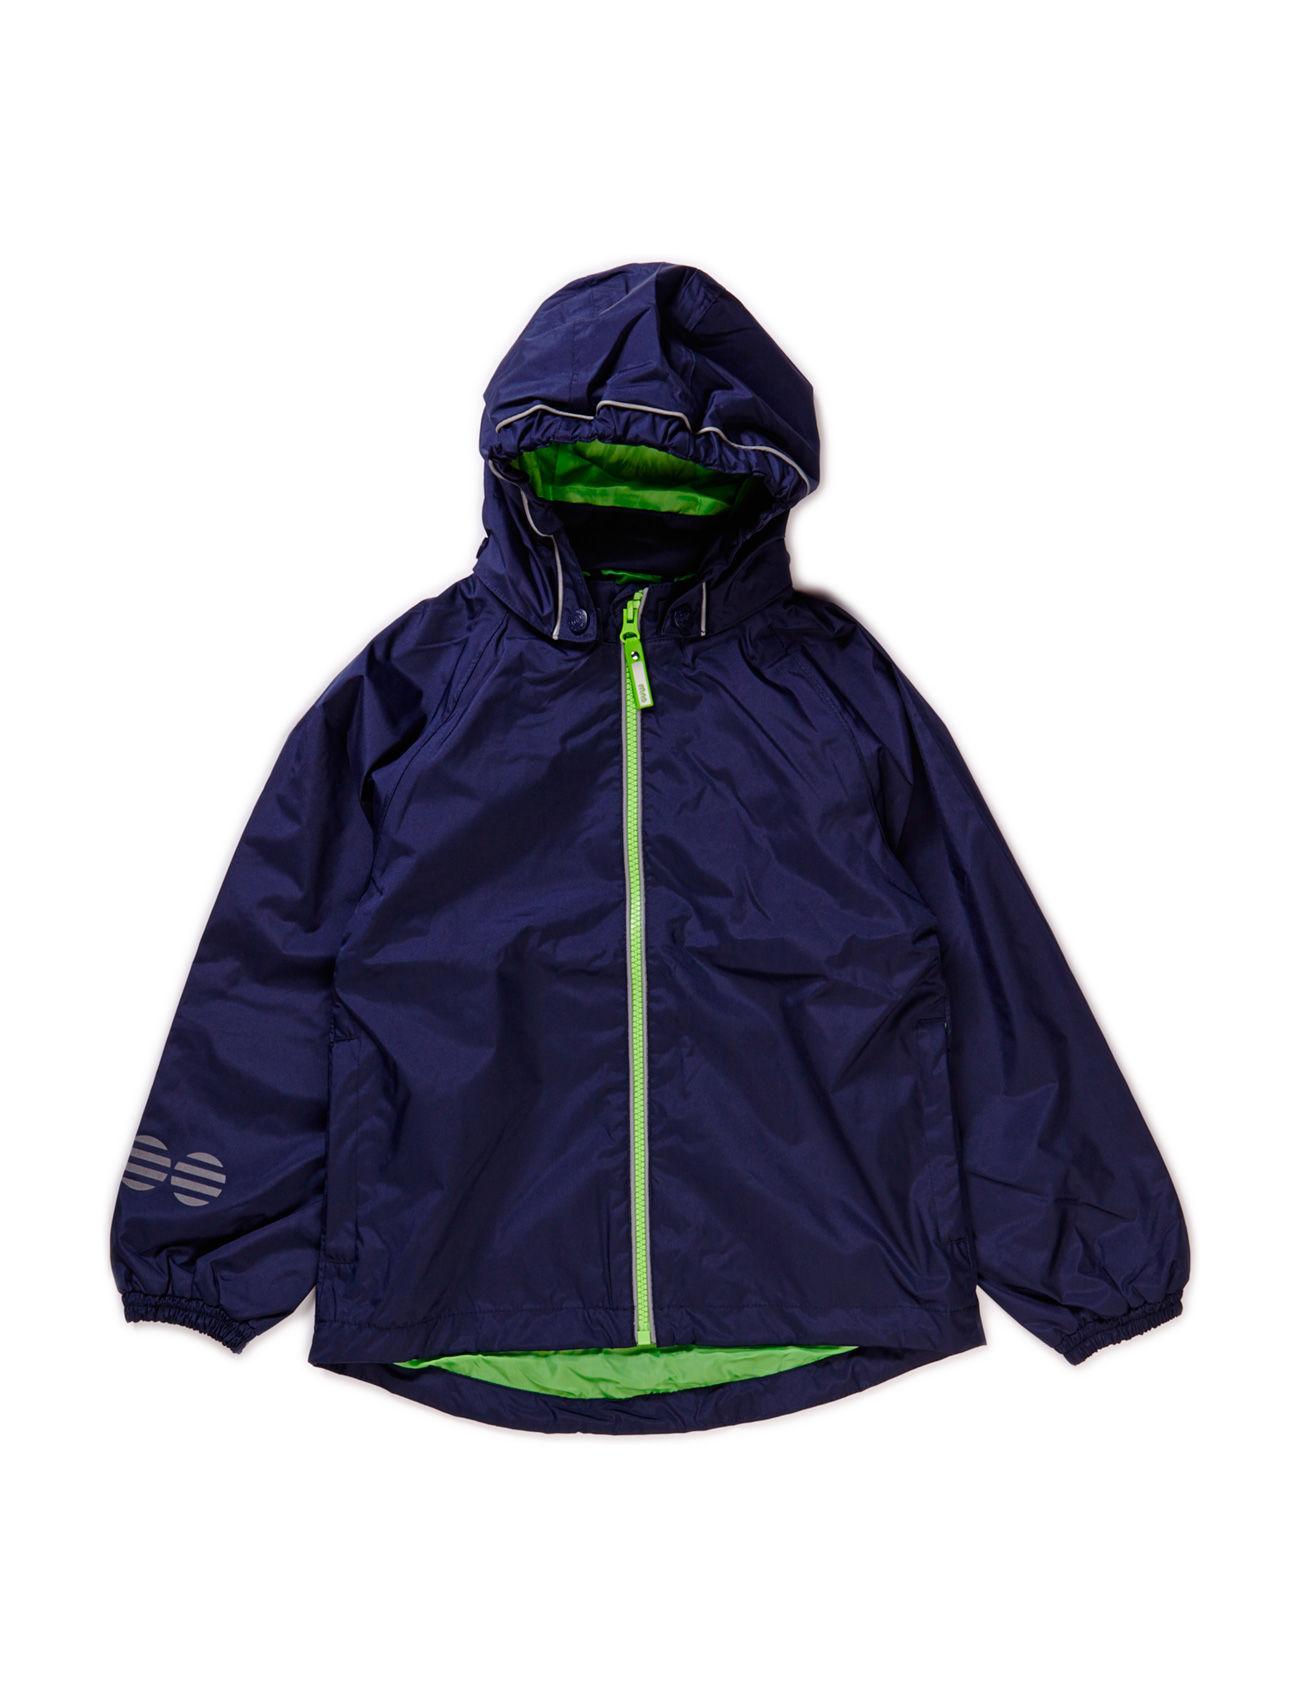 Raincoat, Breathable Minymo Regntøj til Børn i Mørk Navy